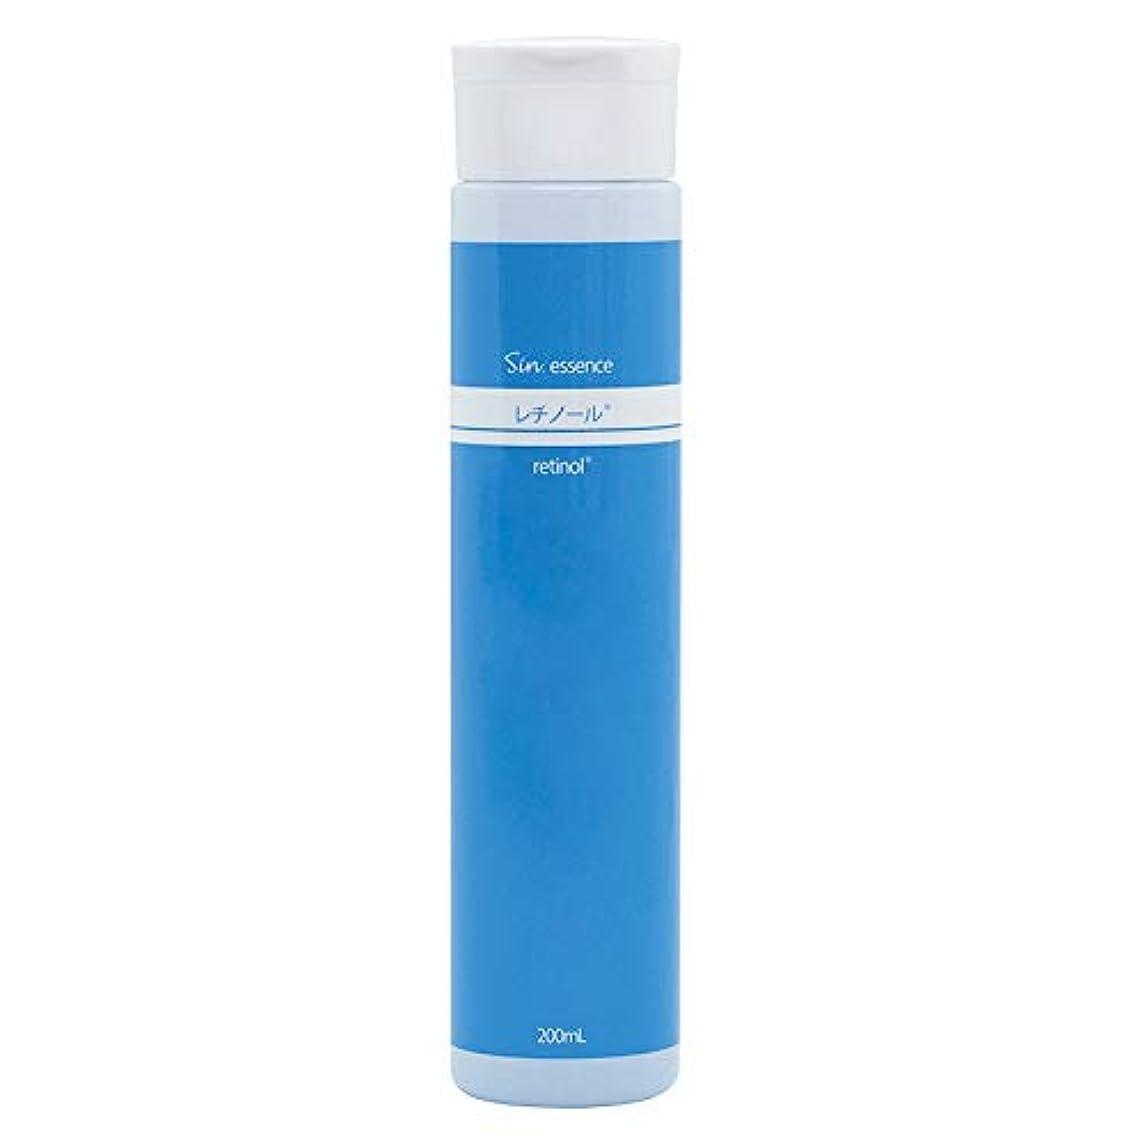 純粋な賛辞カリキュラムレチノール配合美容液 200mL